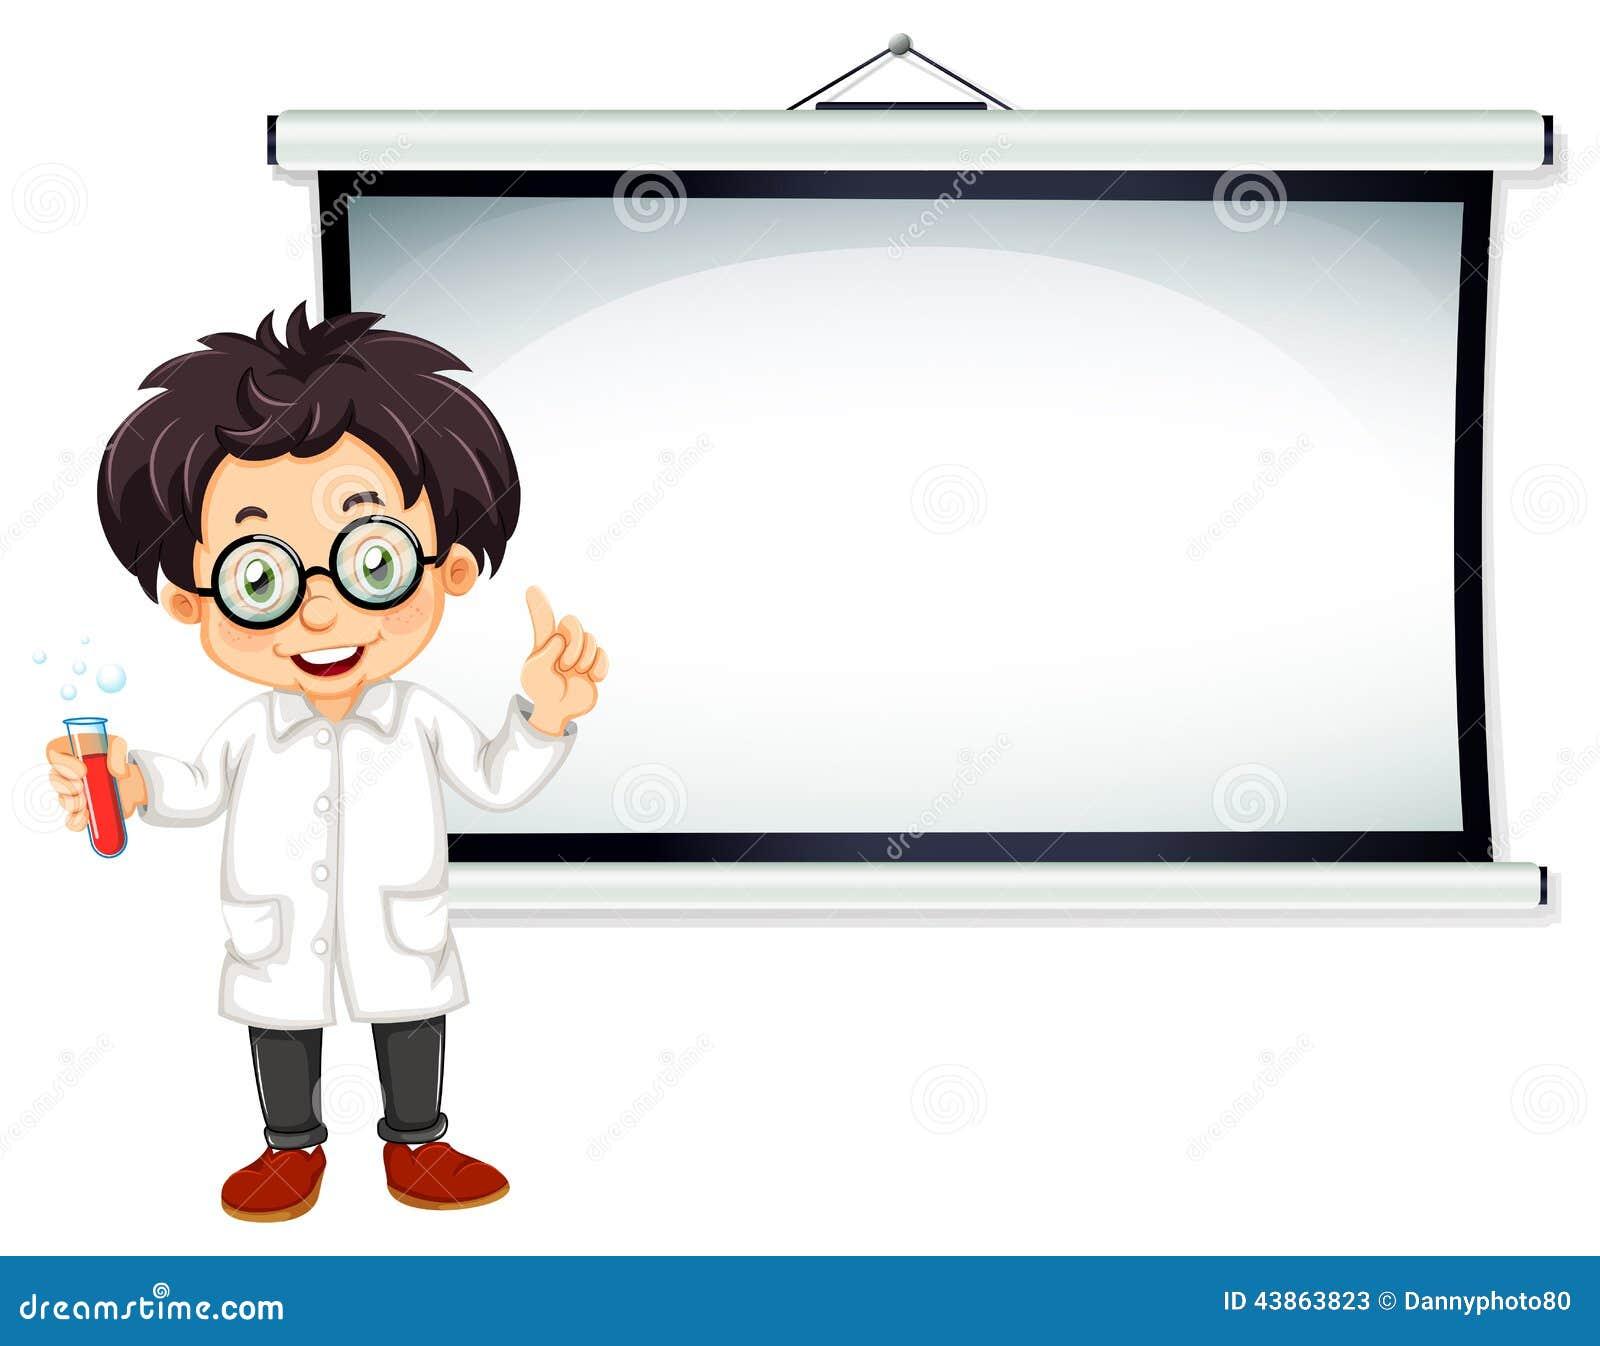 ppt 背景 背景图片 边框 模板 设计 相框 1300_1110图片